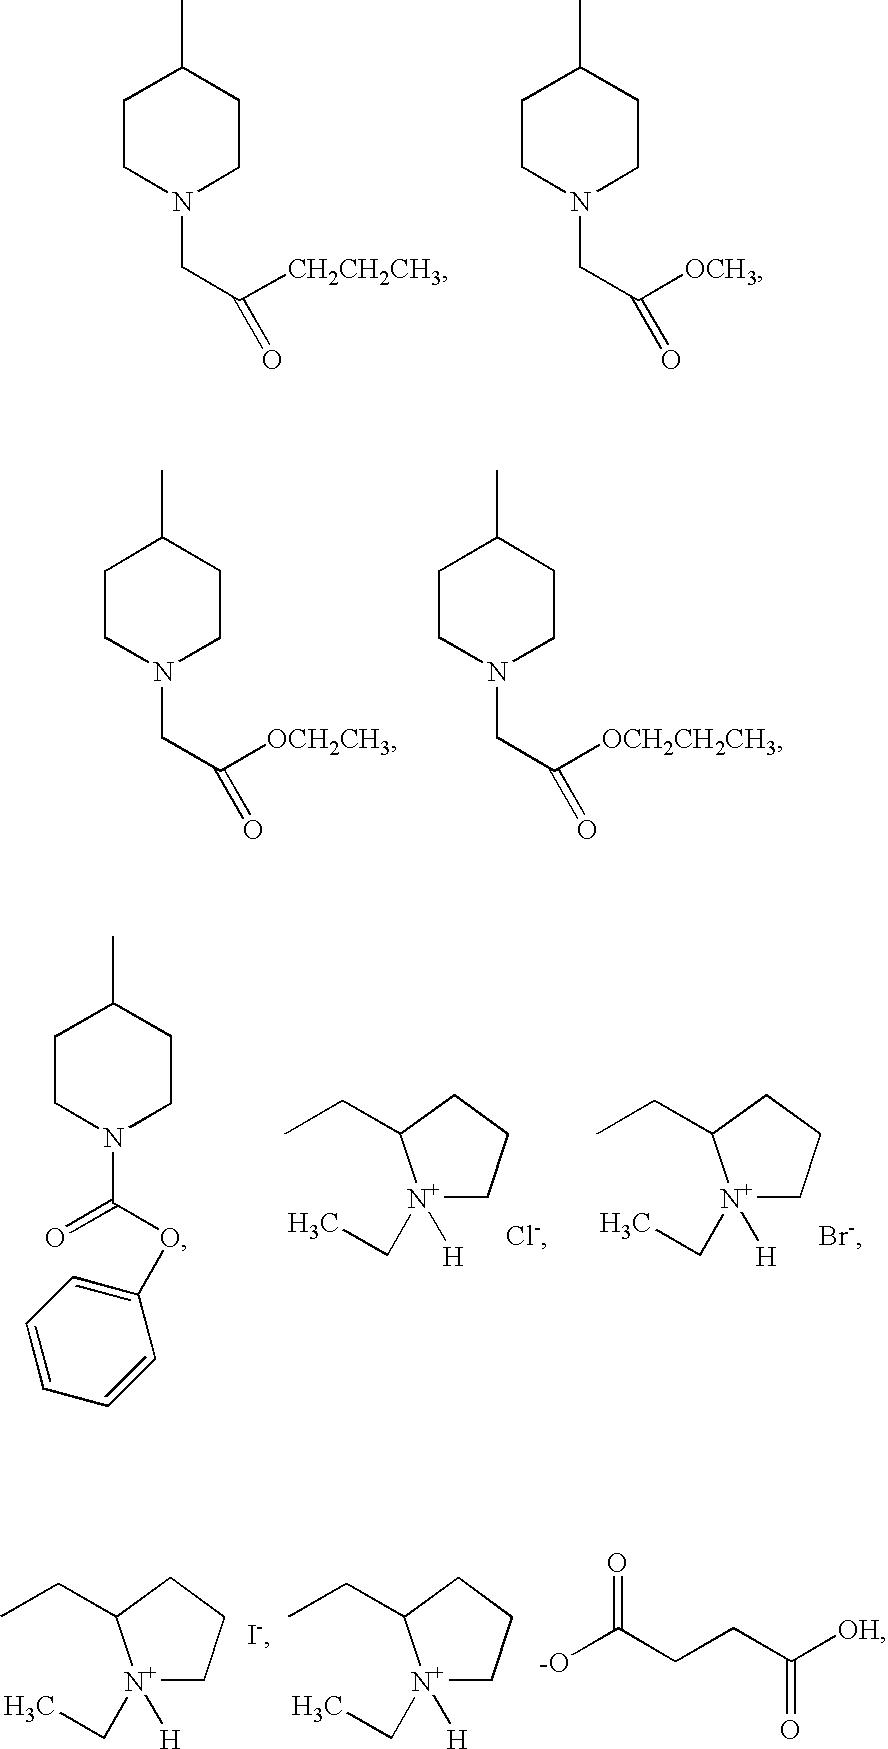 Figure US07112587-20060926-C00104